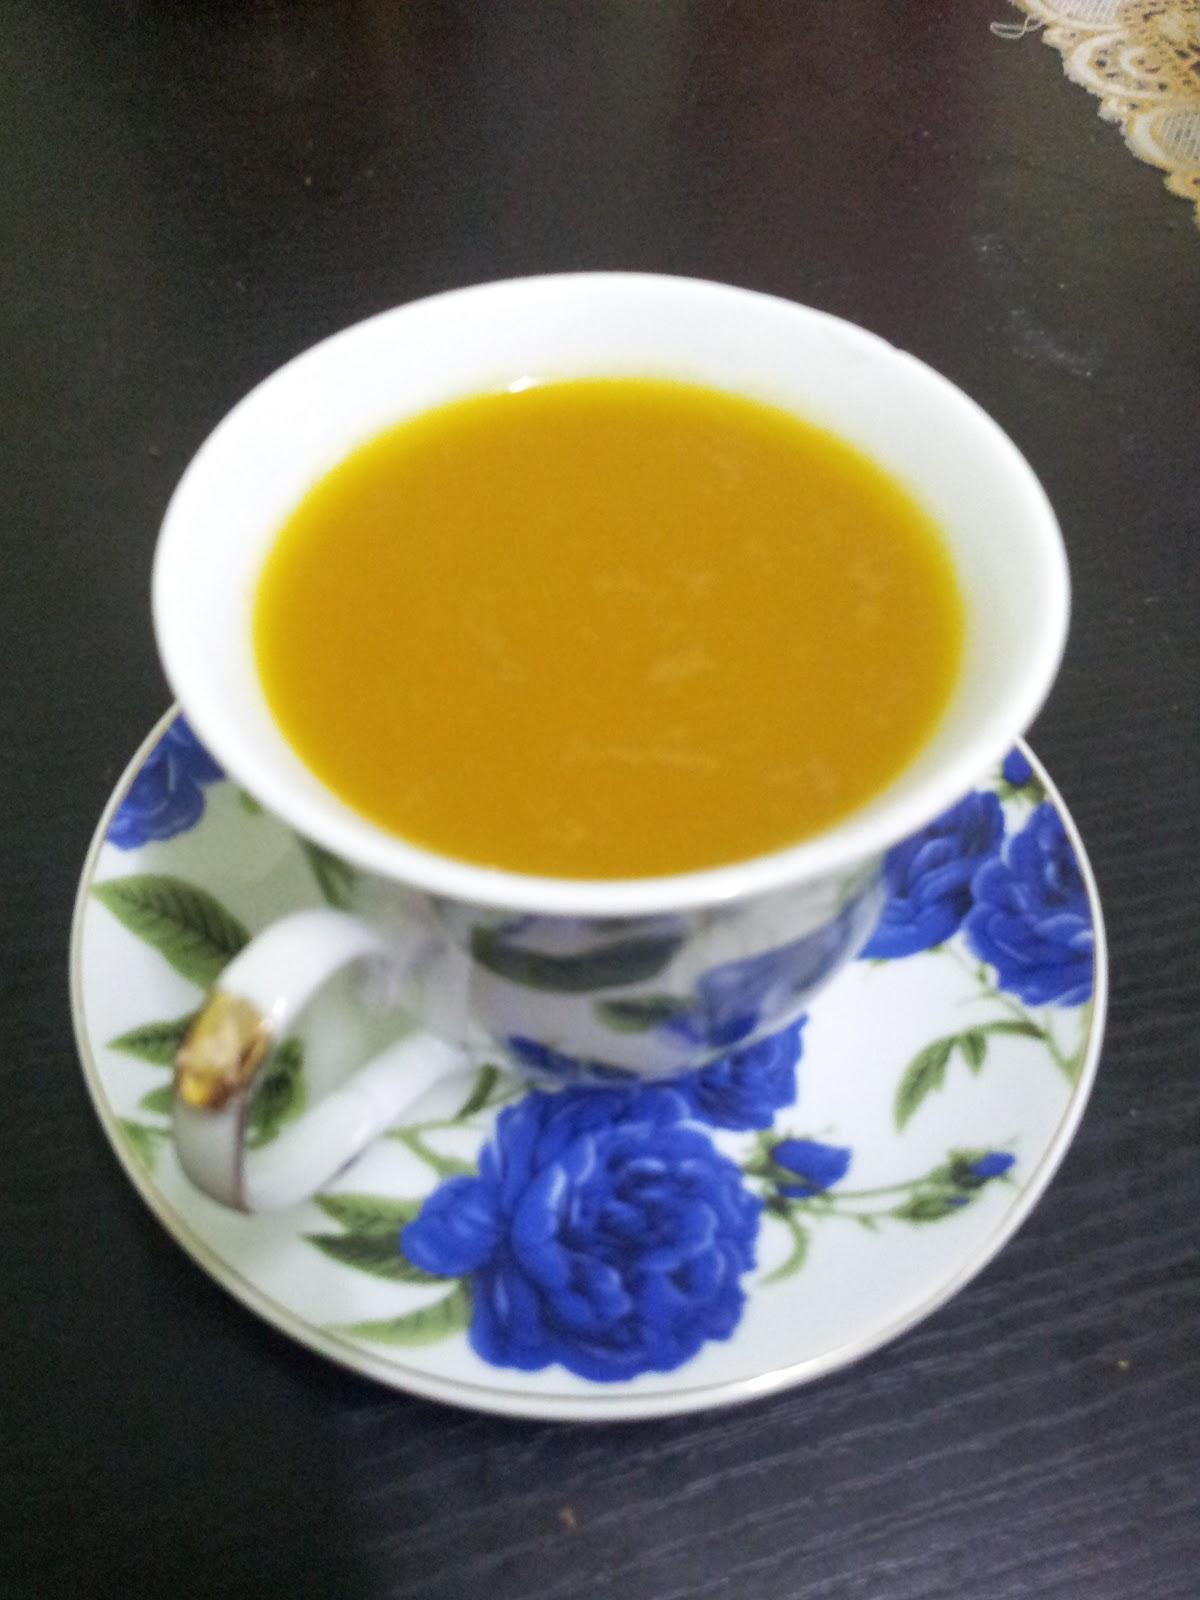 Resep Cara Buat Jamu Pelangsing Herbal Alami Yang Aman